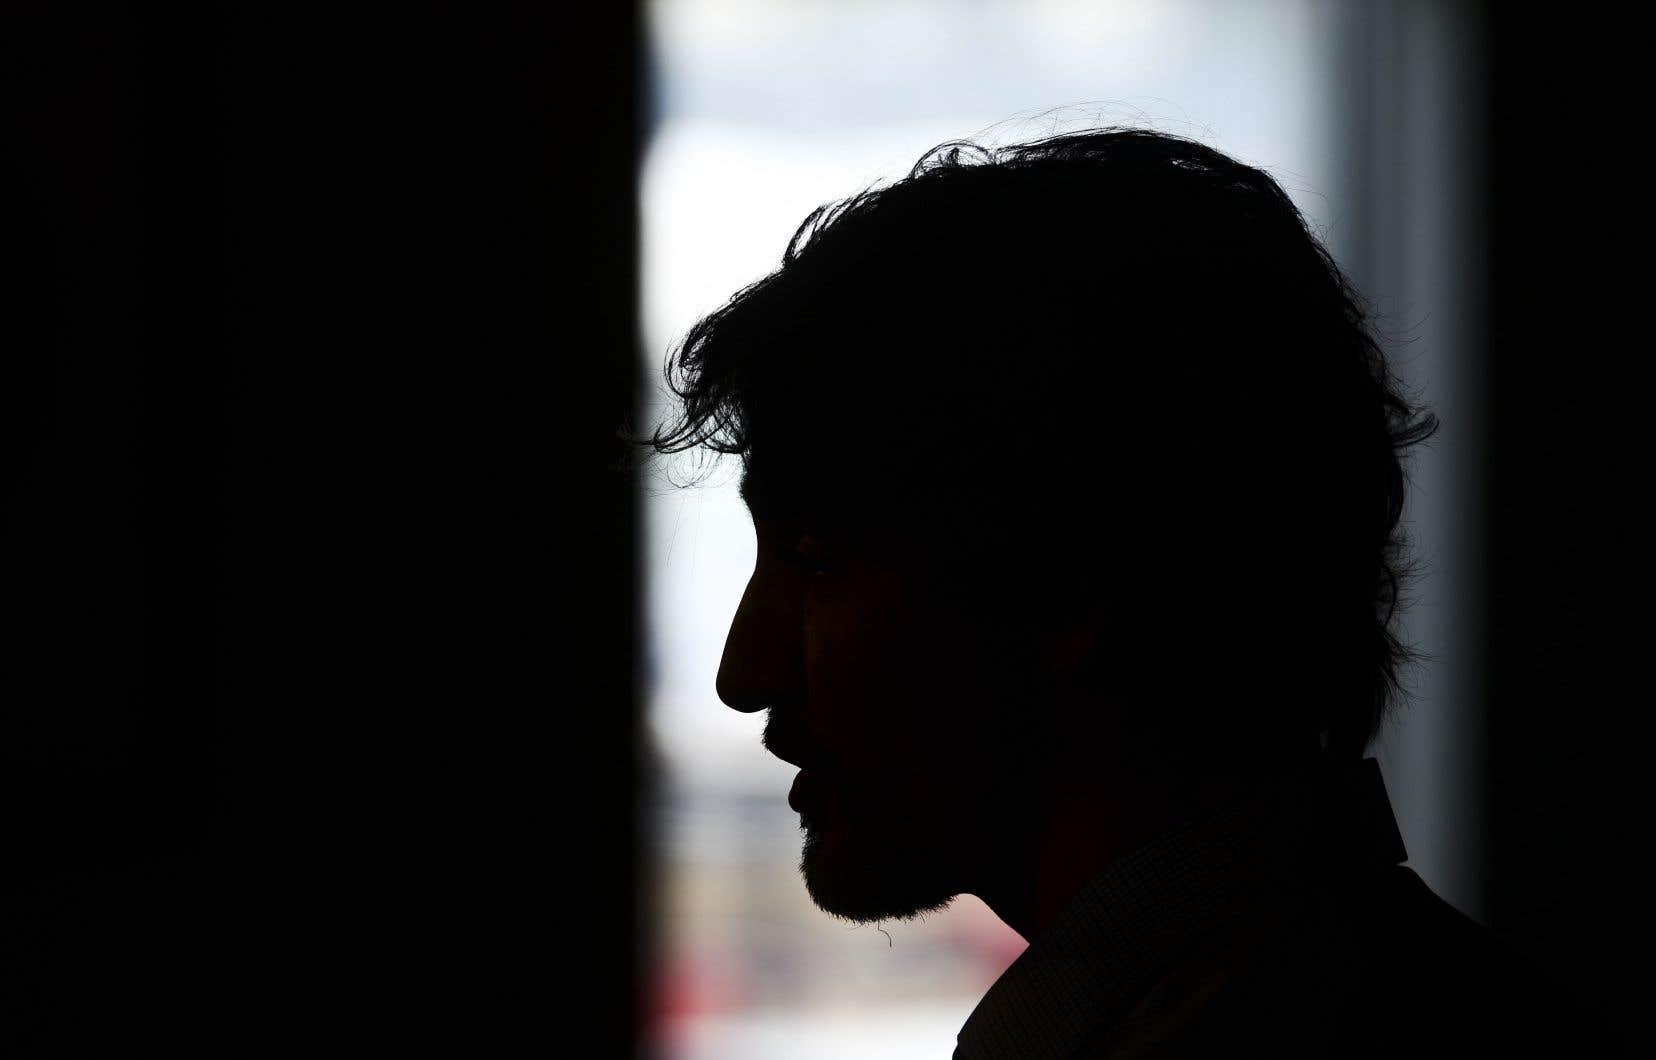 Justin Trudeau écarte les appels à intervenir dans le processus d'extradition de Meng Wanzou afin d'obtenir la libération de Michael Kovrig et Michael Spavor.